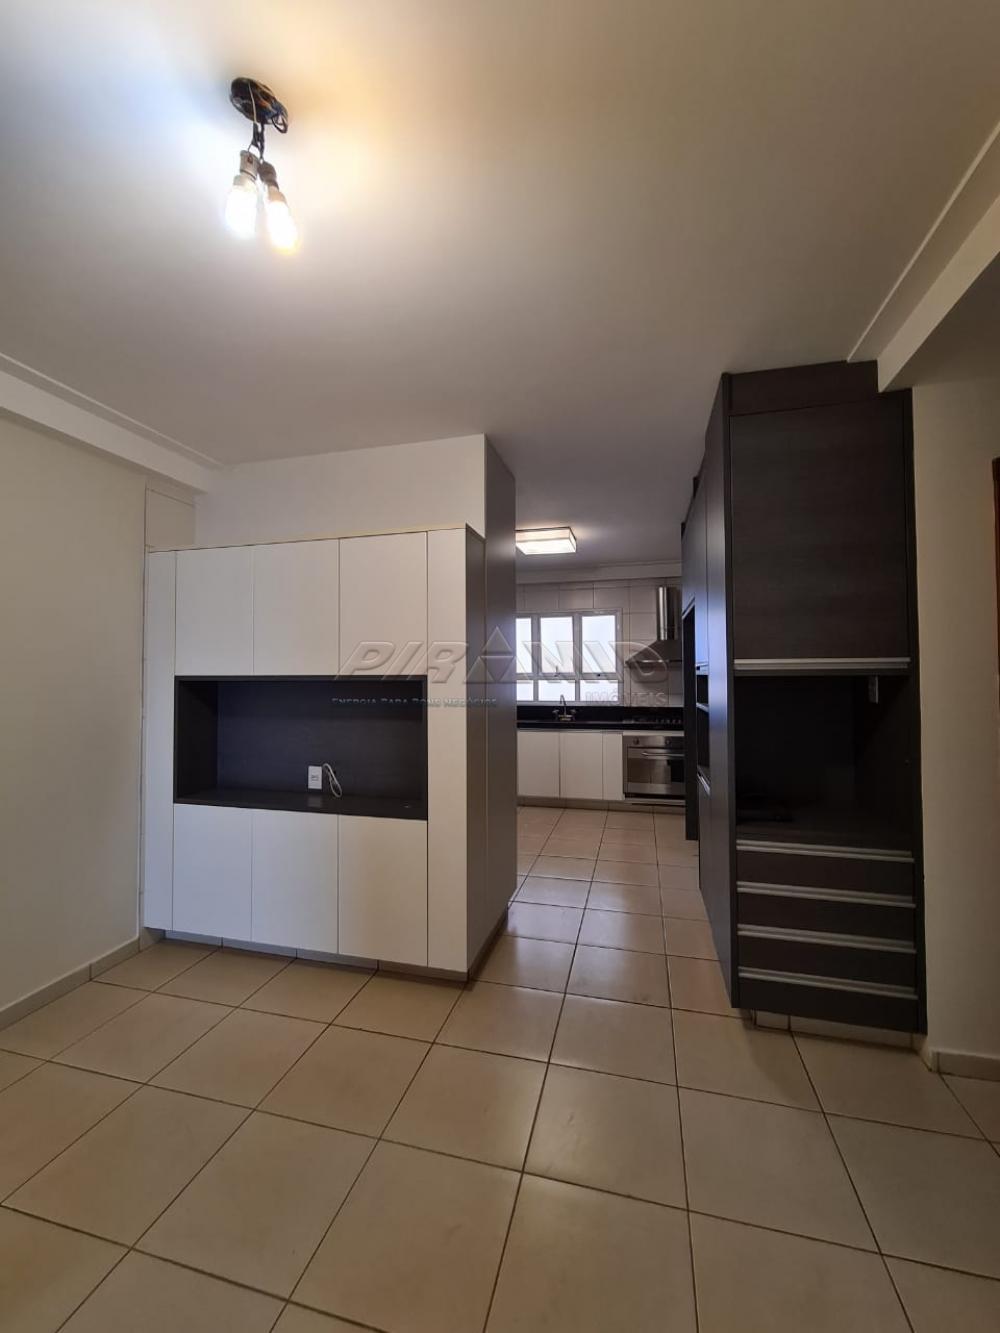 Alugar Apartamento / Padrão em Ribeirão Preto R$ 8.000,00 - Foto 38